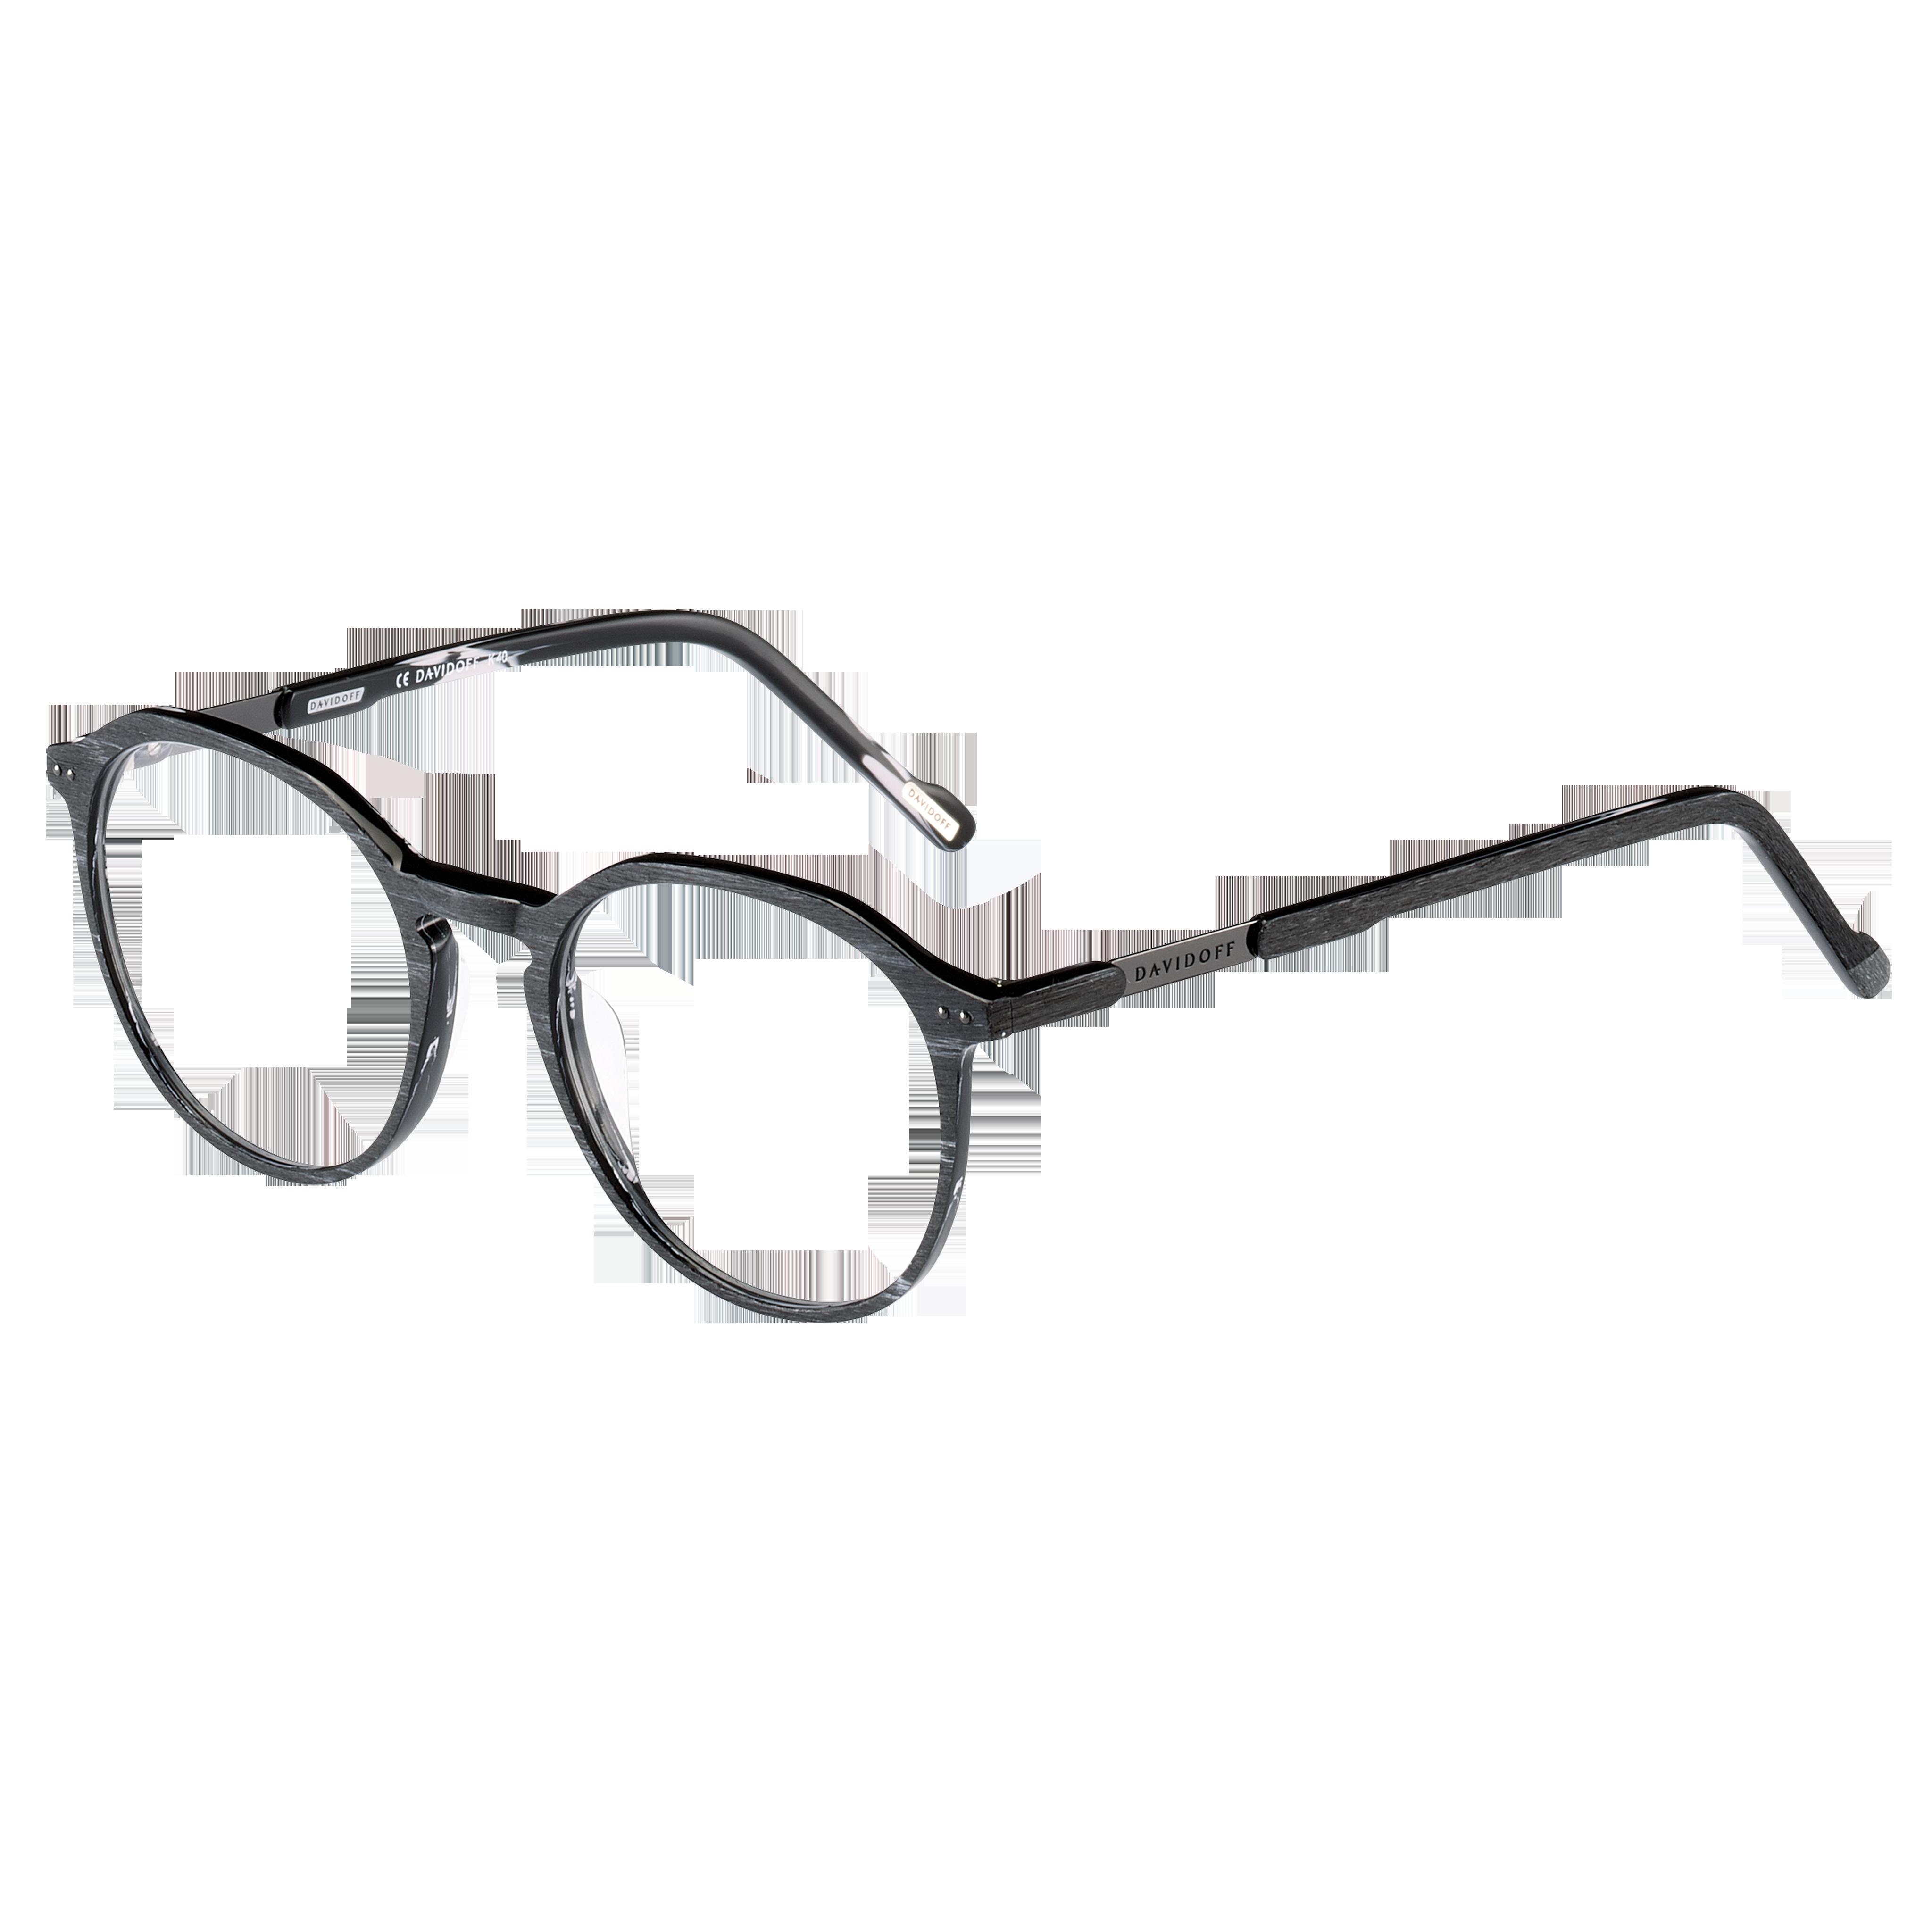 Optical frame – Mod. 92052 color ref. 6472